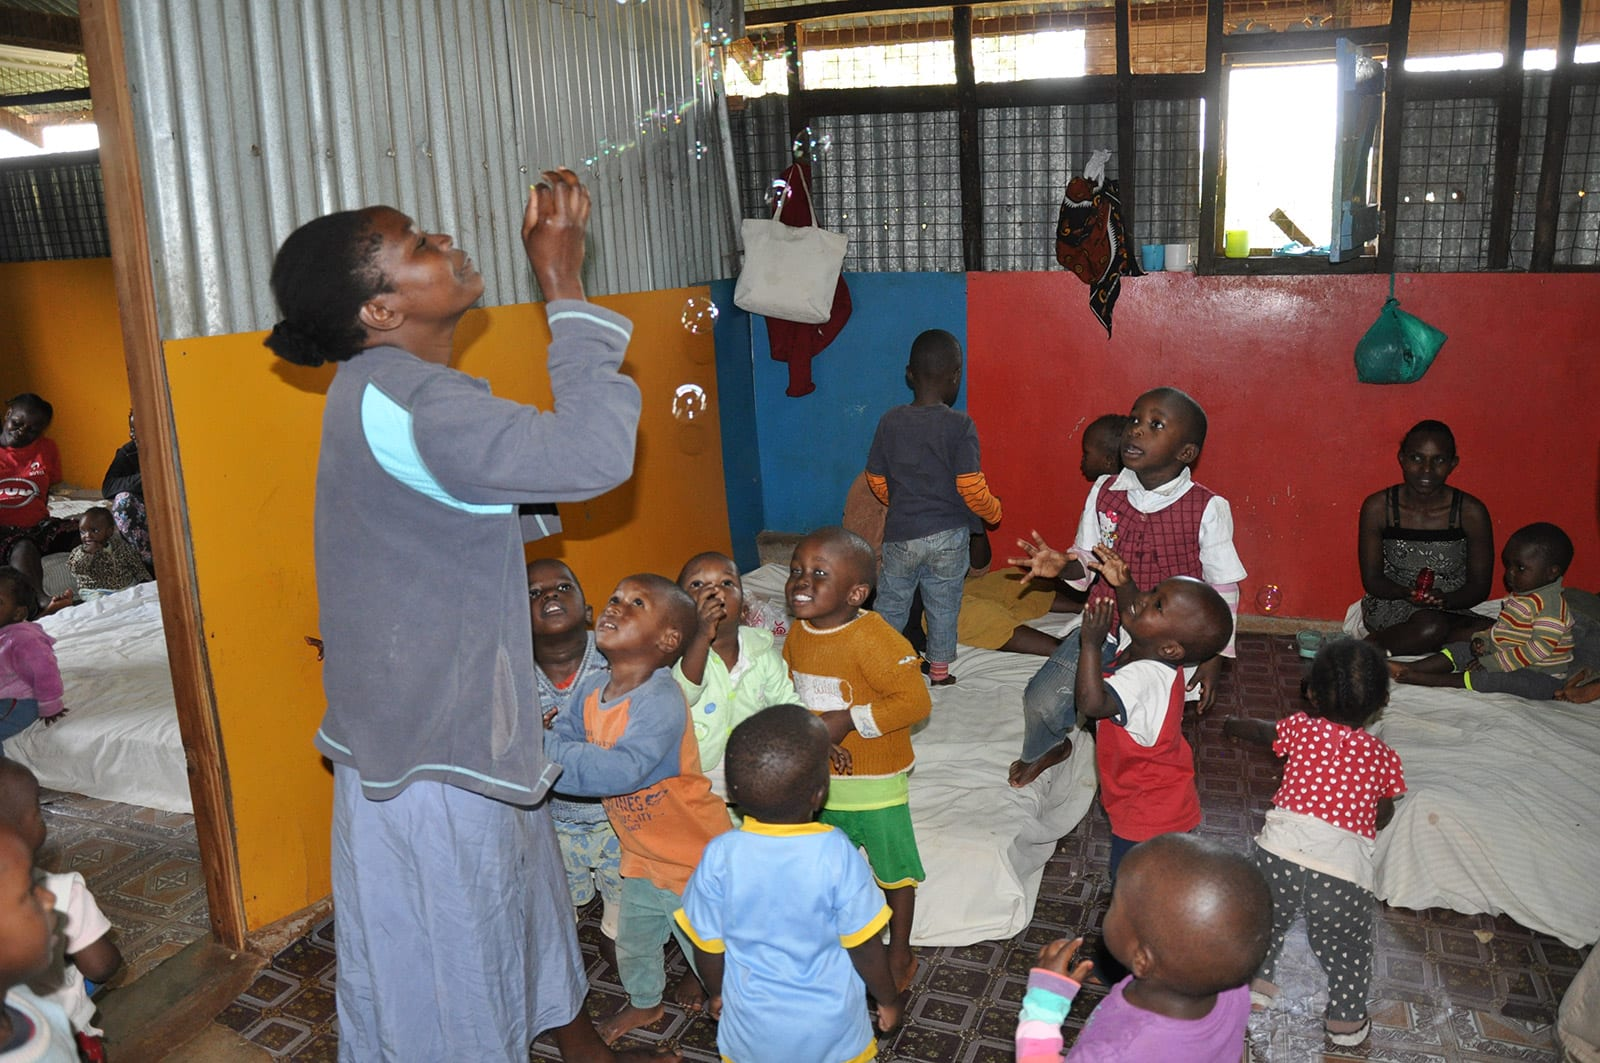 Yatta women's Center children playing